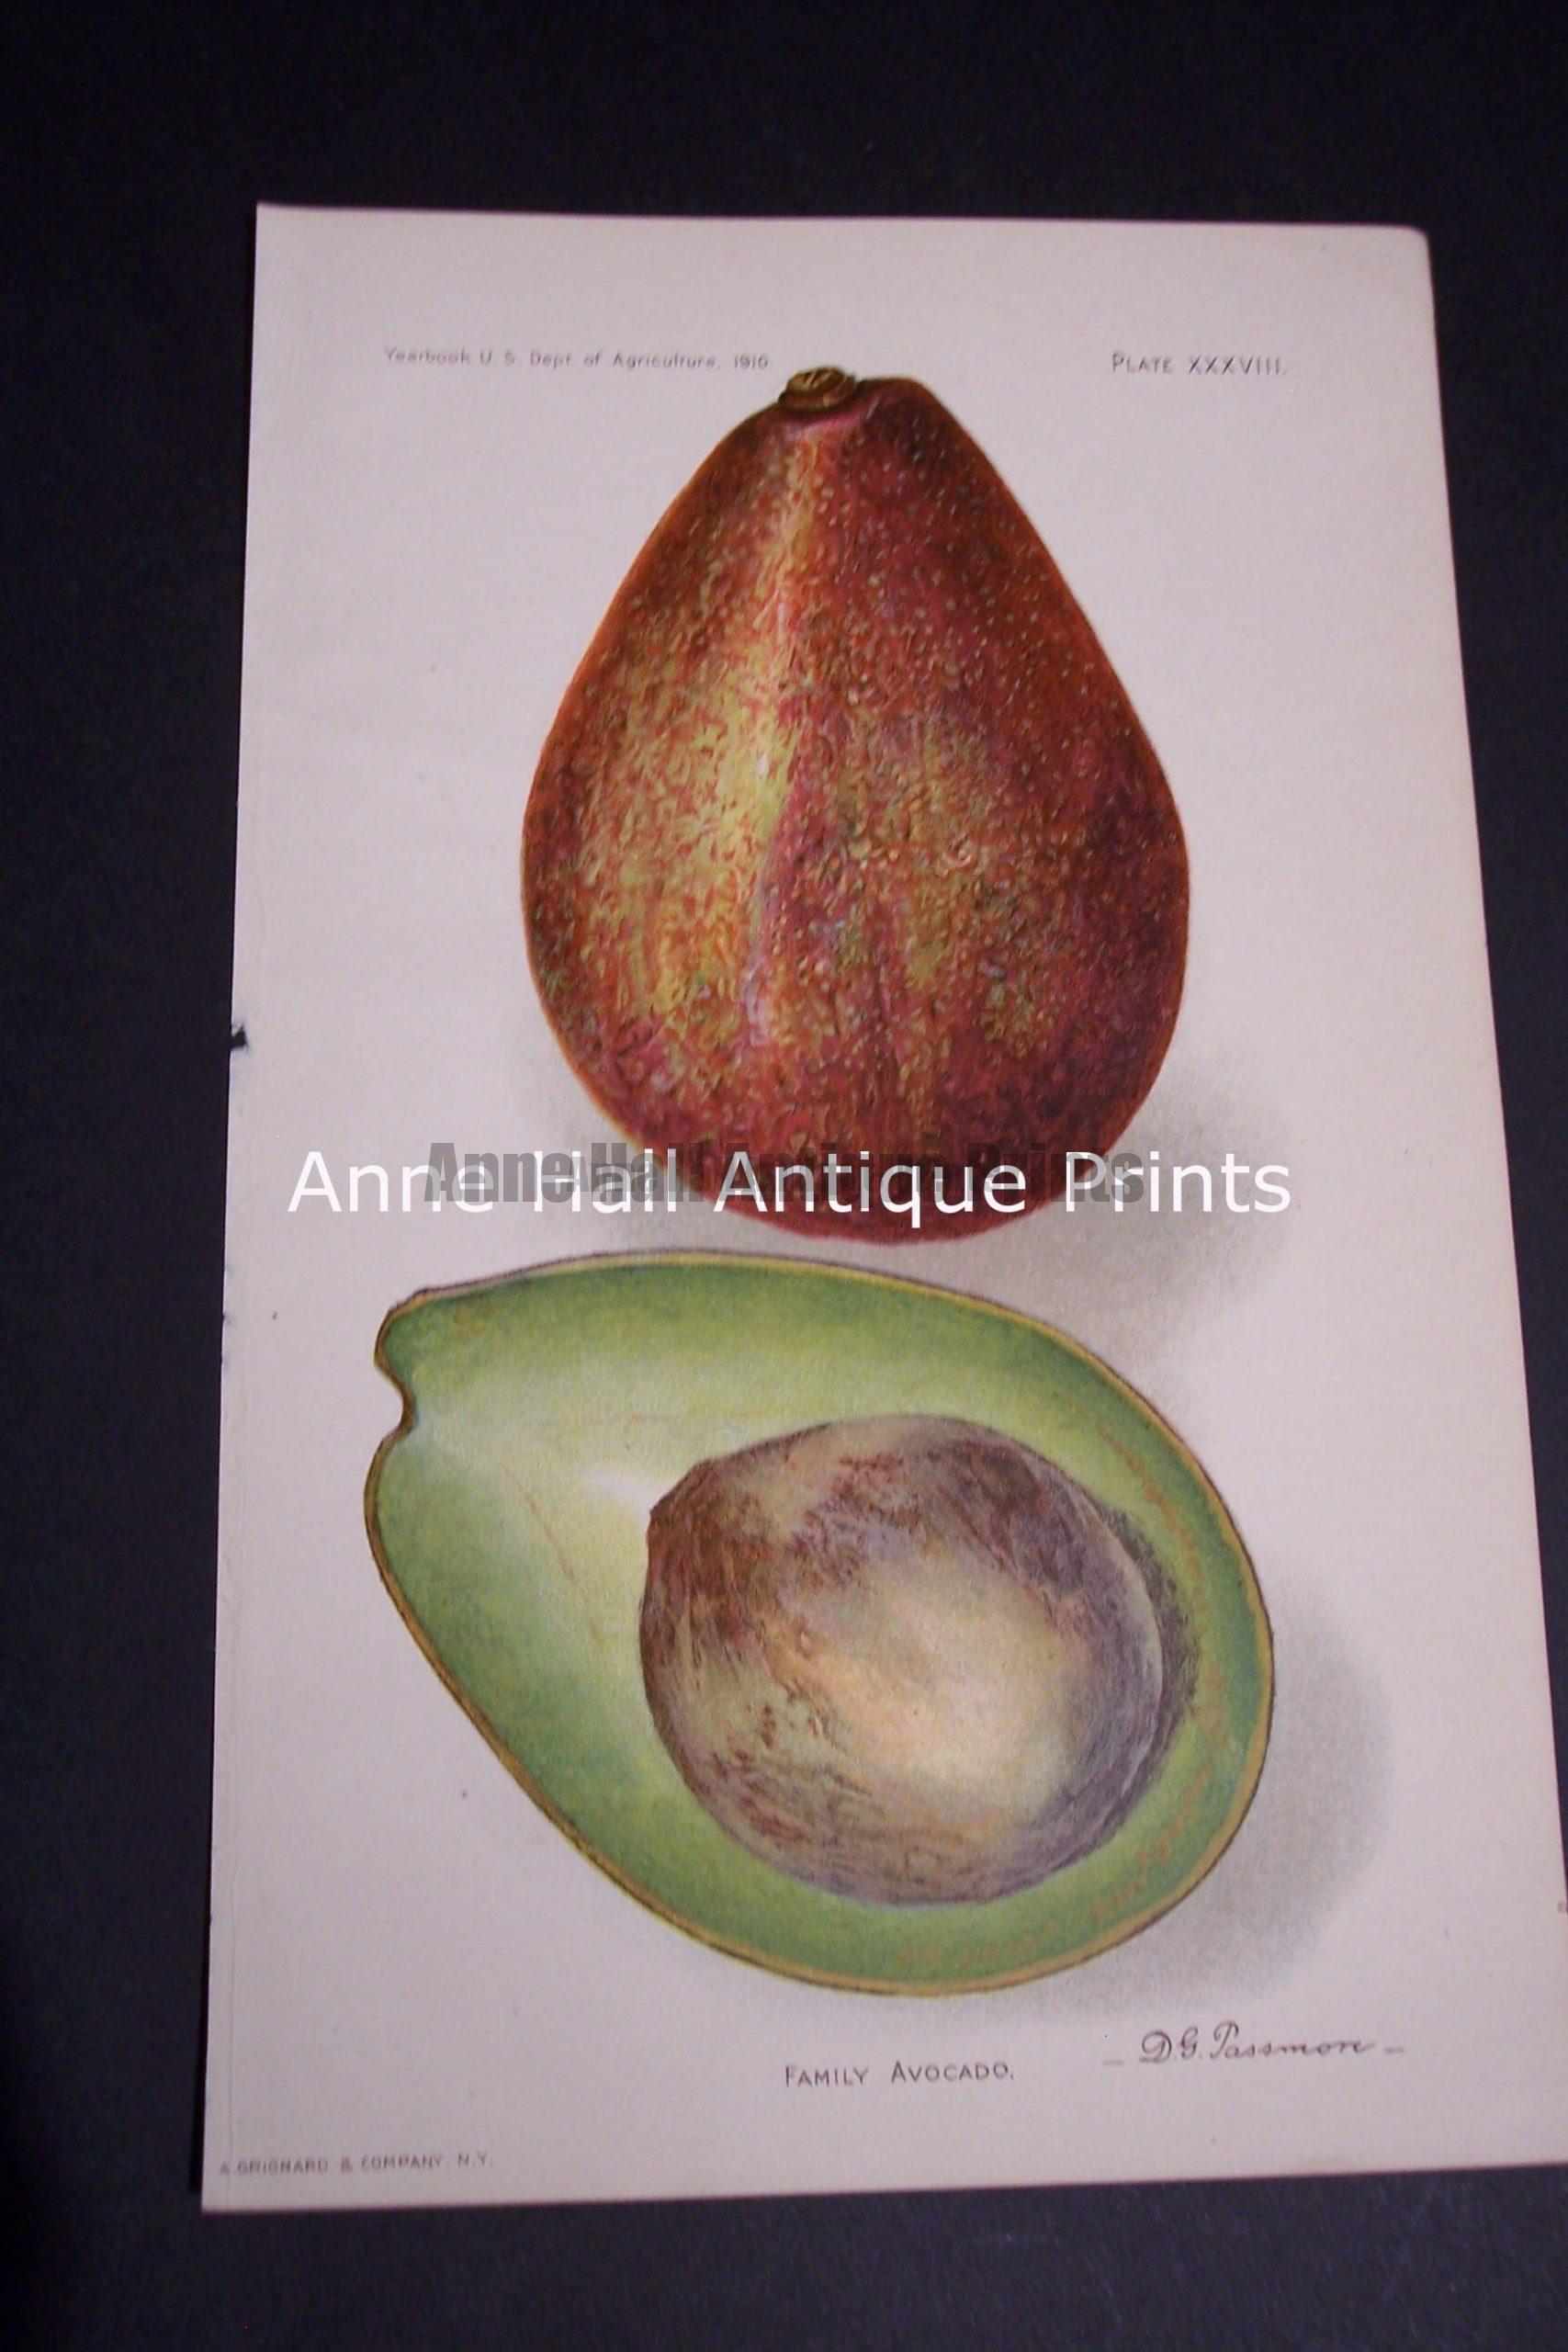 Fruit USDA Family Avocado